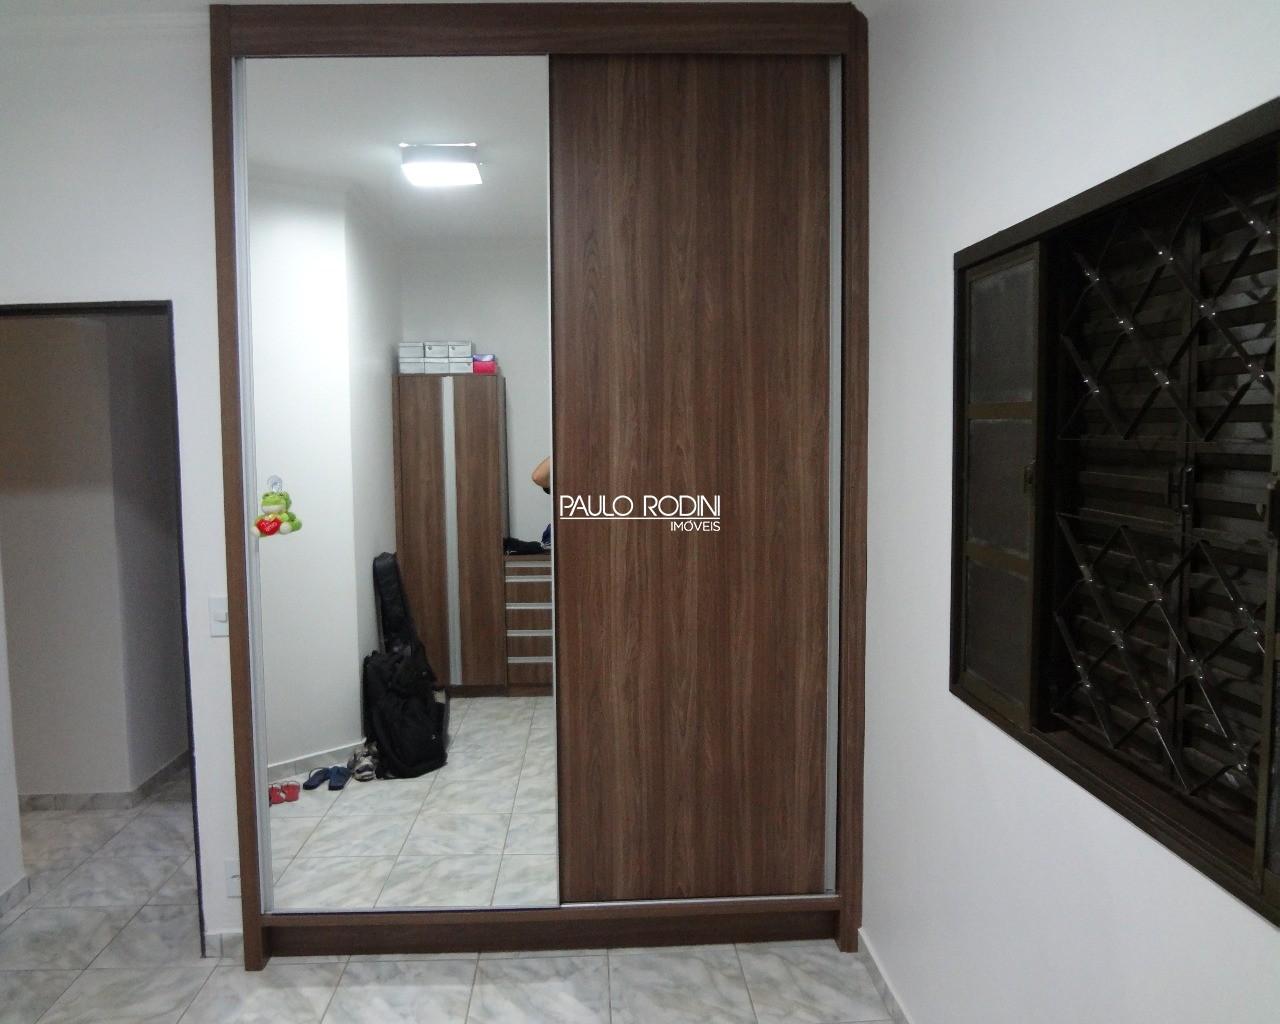 Armario Embutido Em Ribeirao Preto : Wibamp armario cozinha ribeirao preto id?ias do